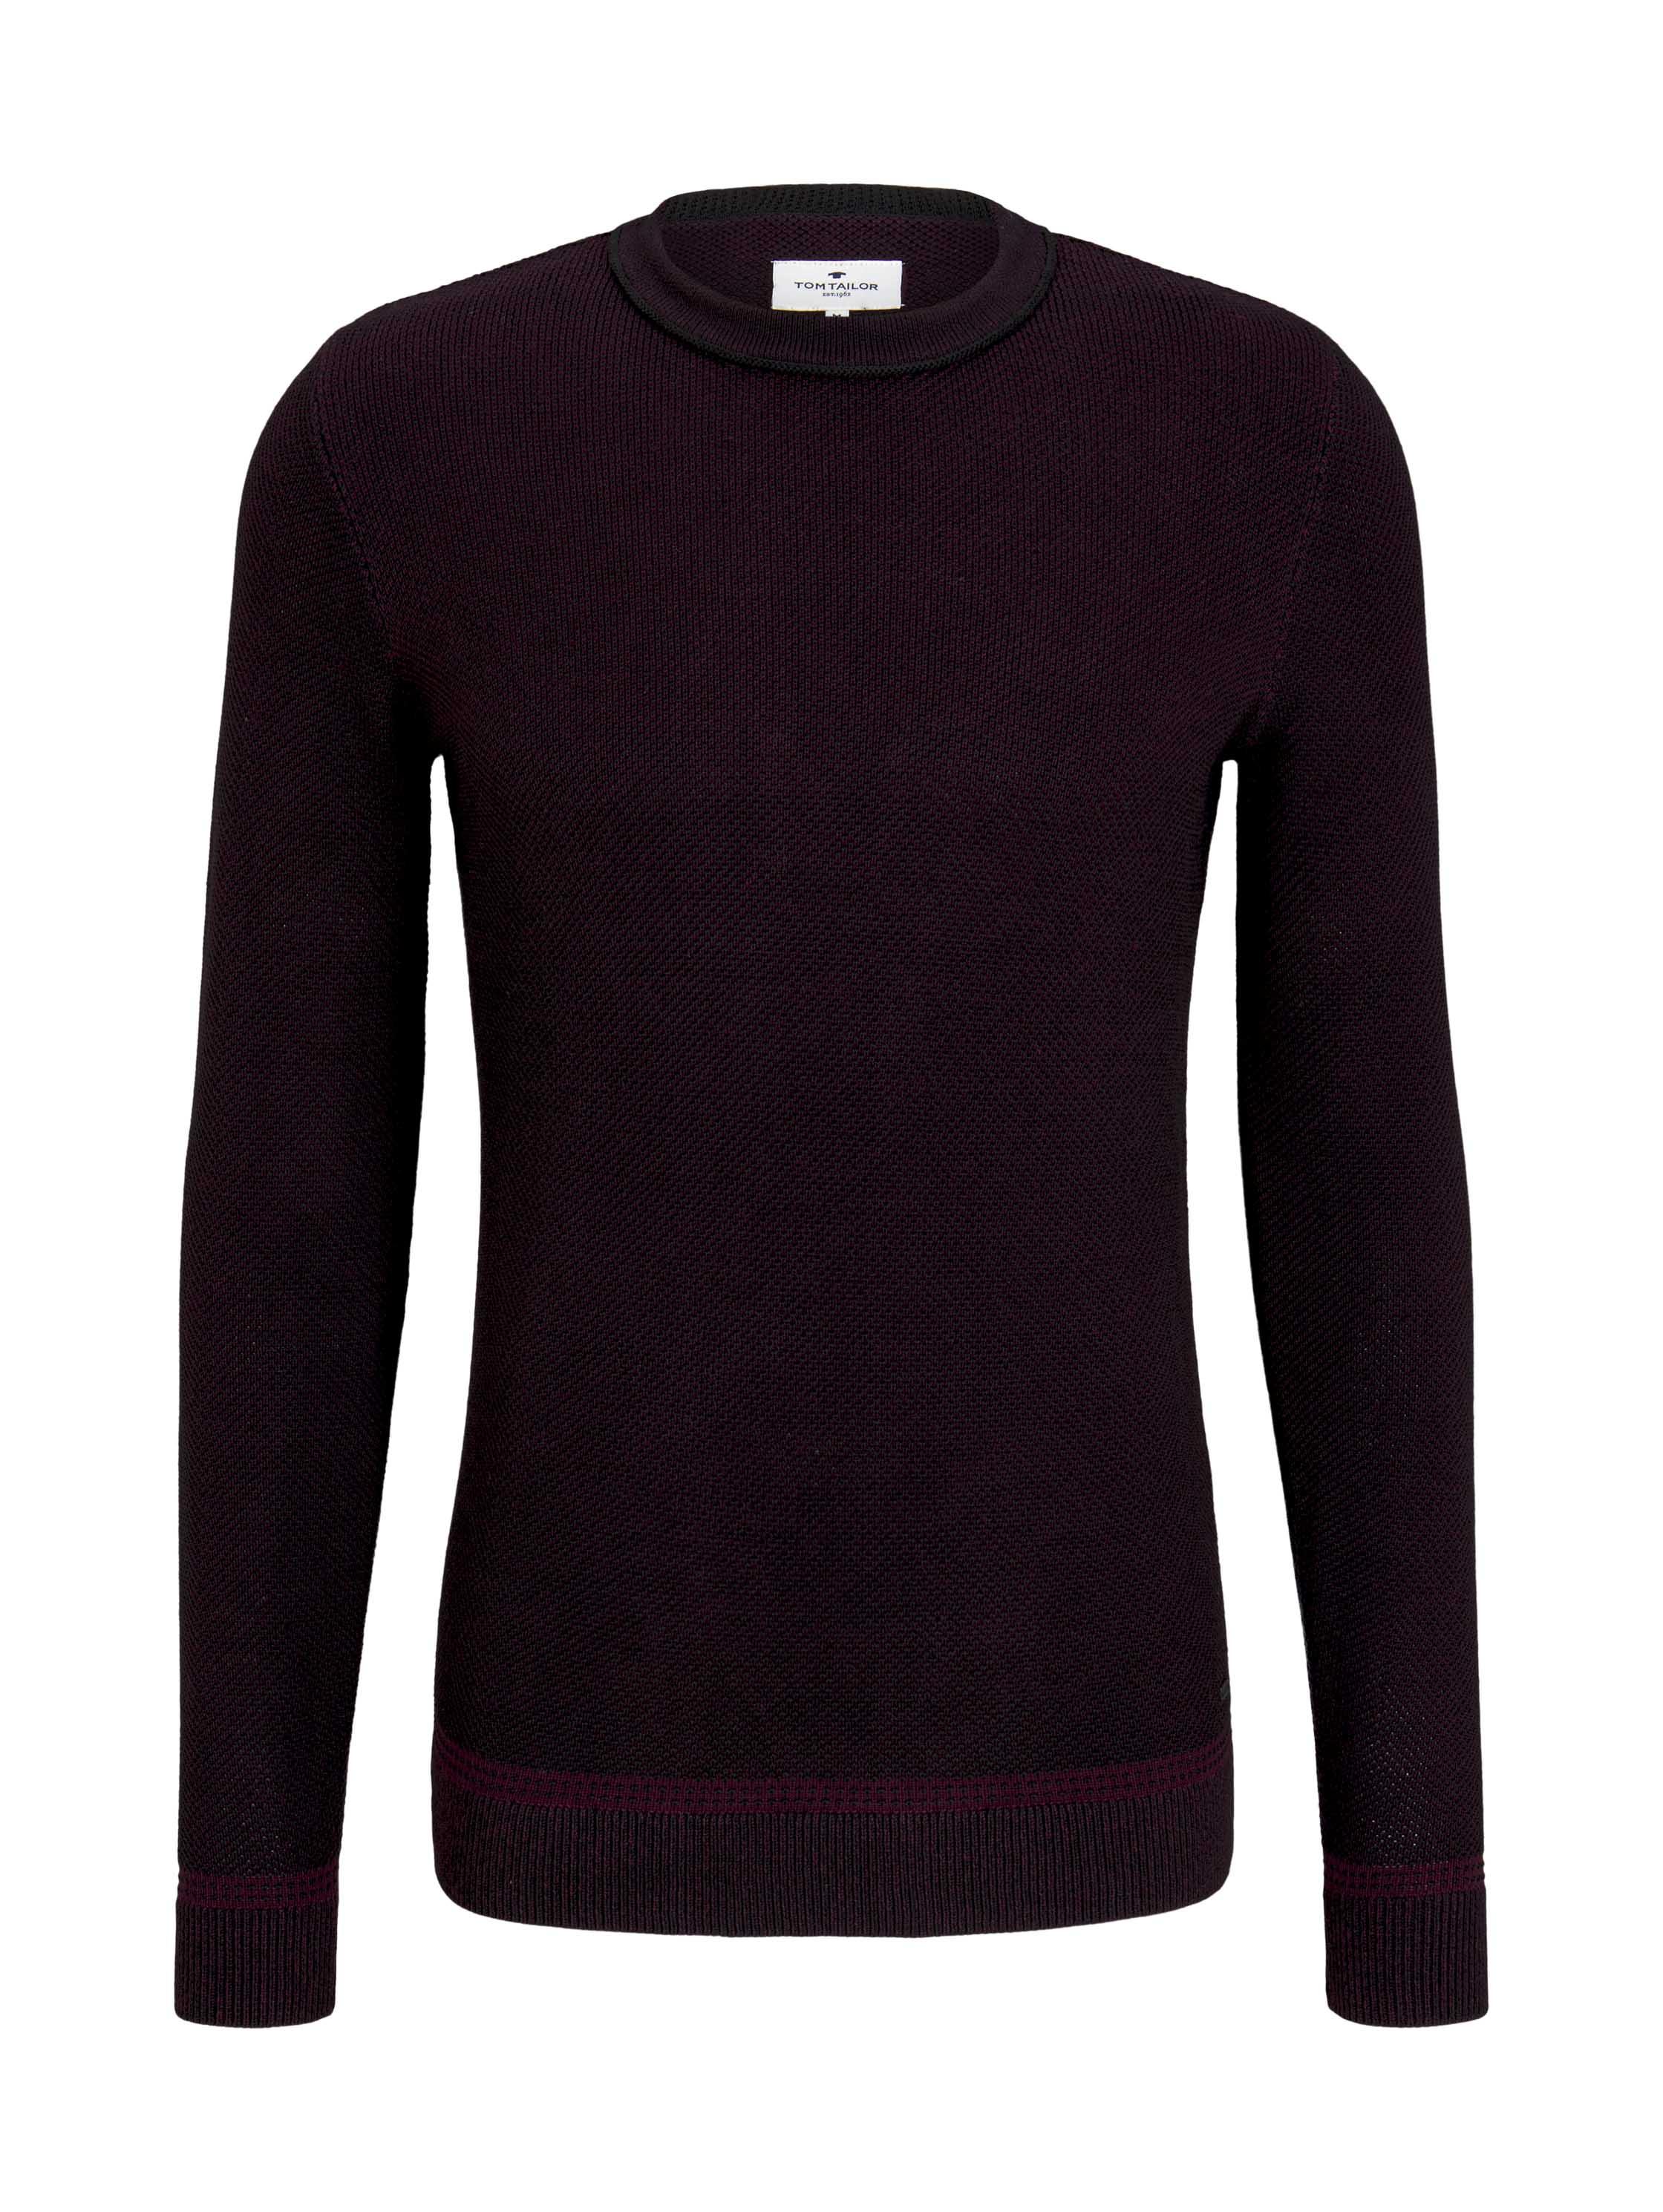 birdseye sweater, purple black birdseye jacquard